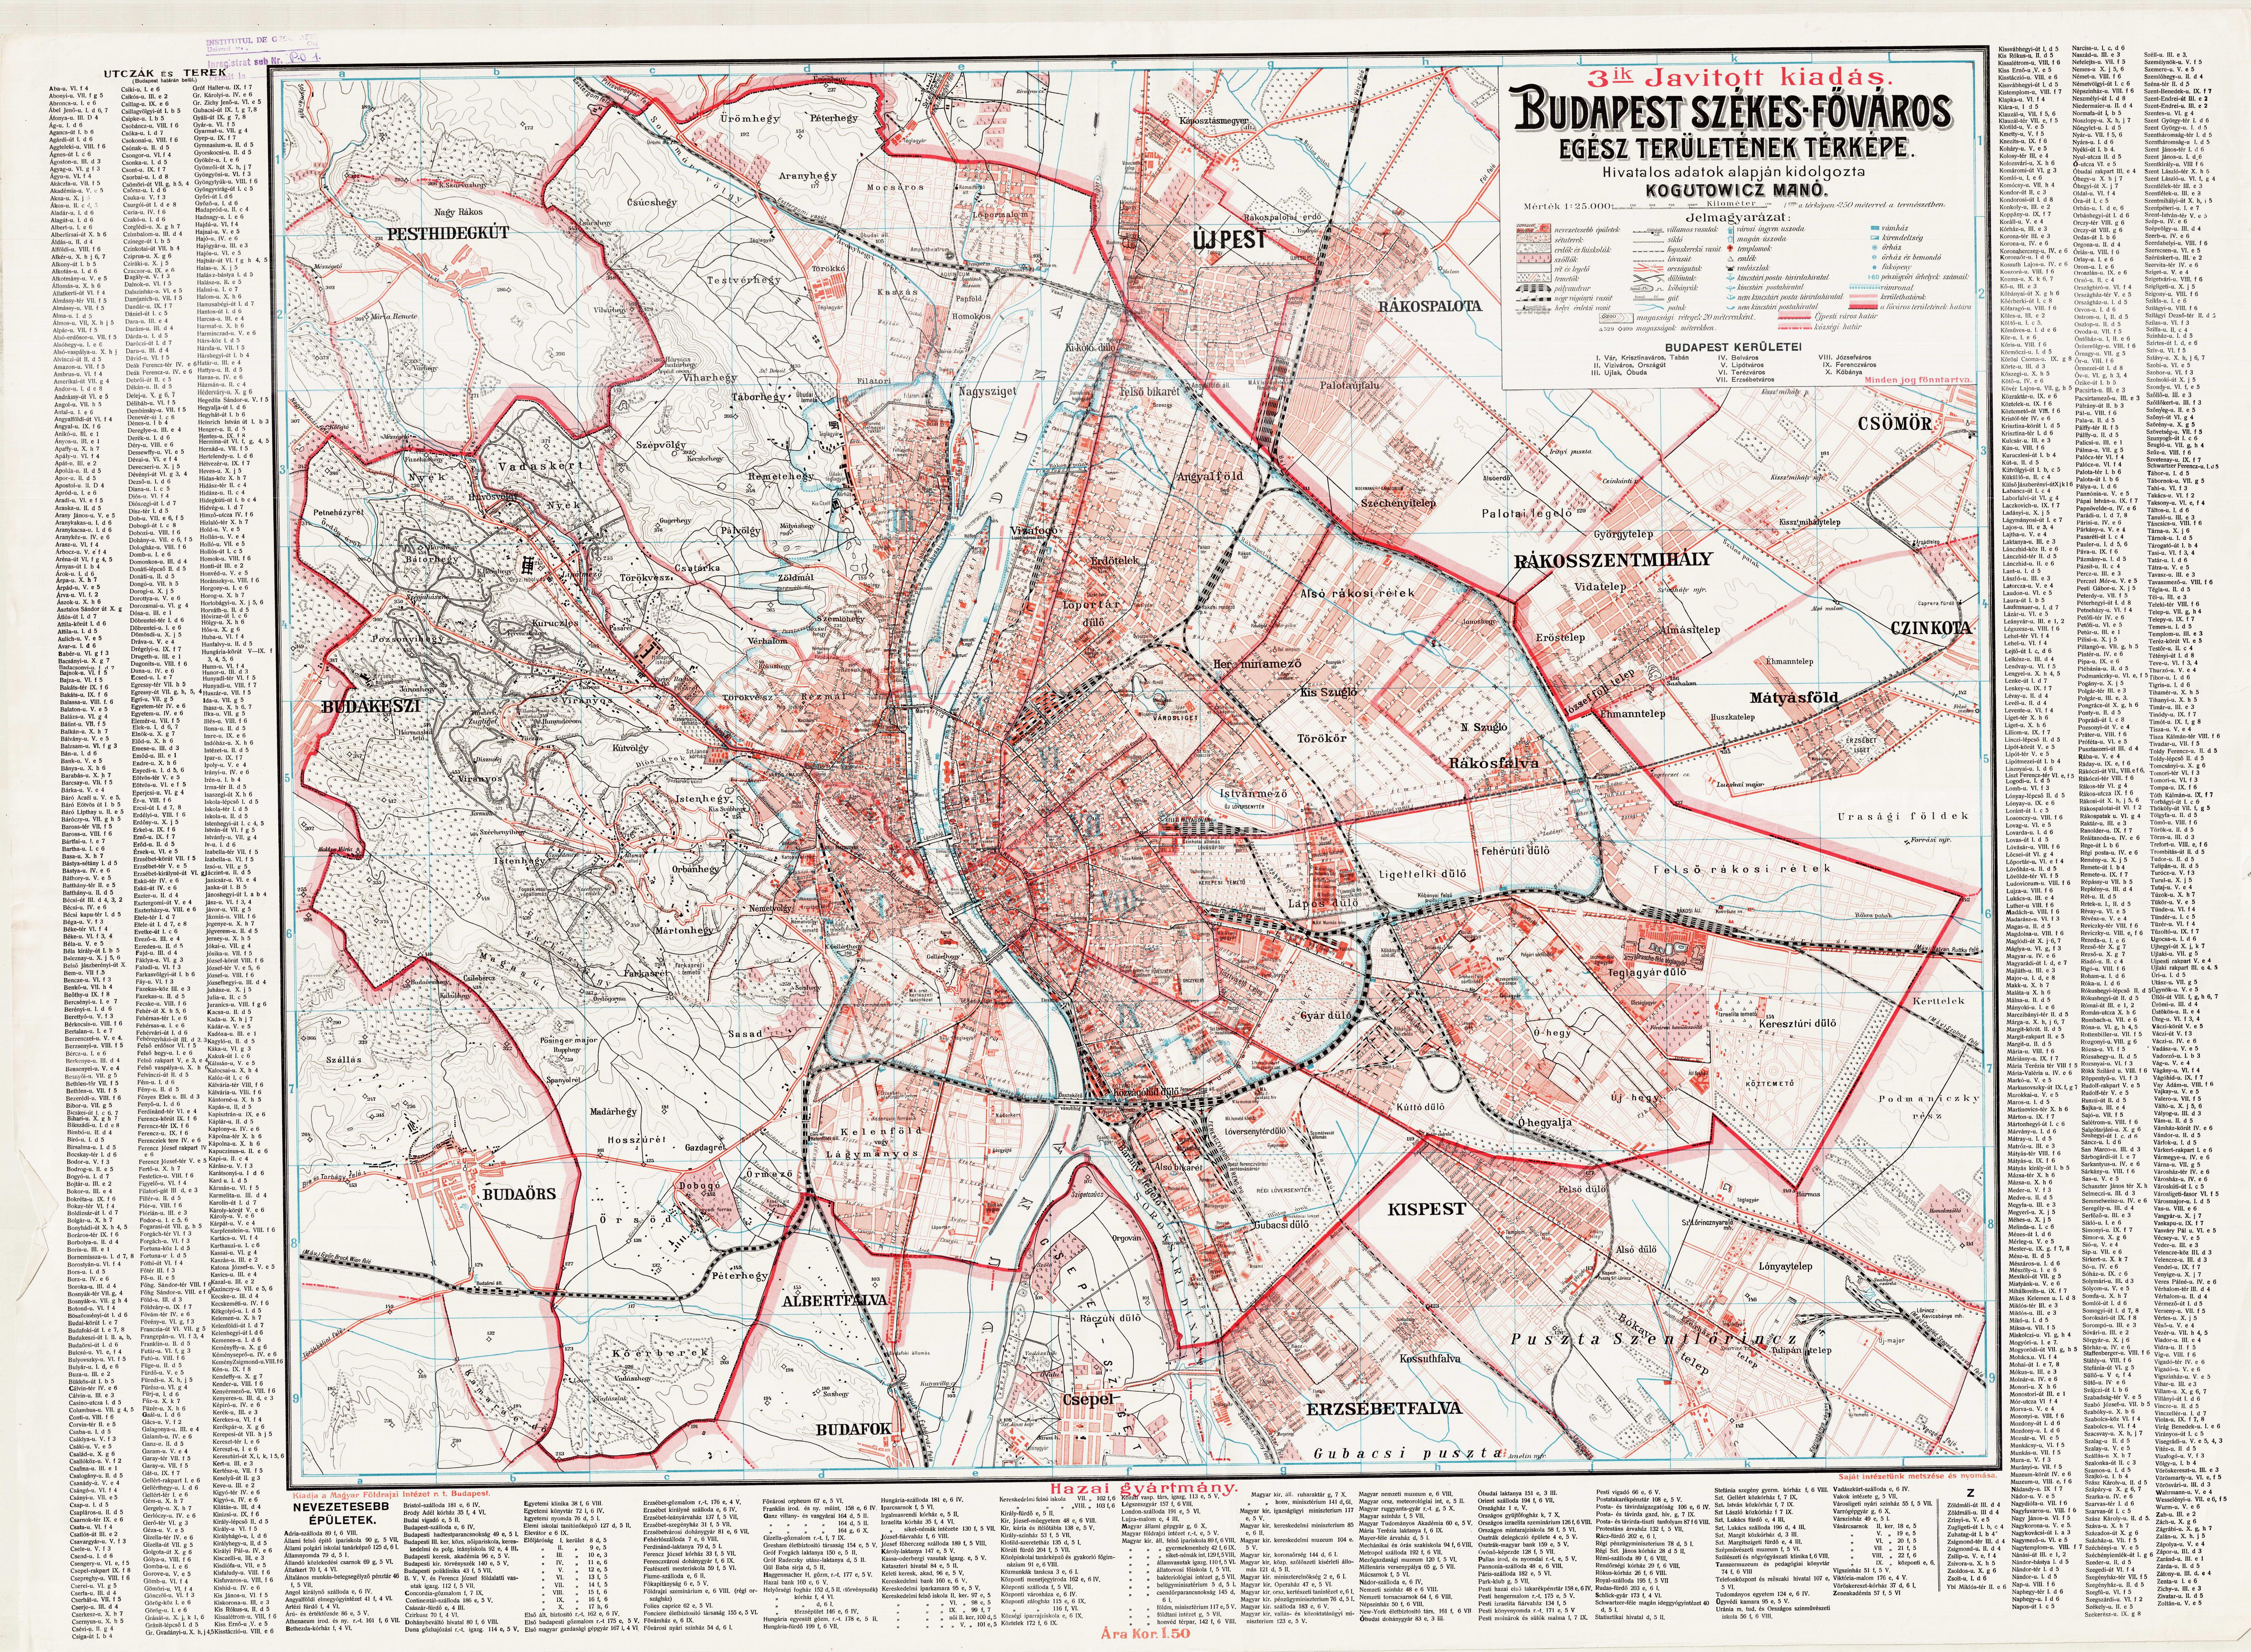 budapest térkép 1920 torzs43 | Cholnoky Jenő Hagyaték budapest térkép 1920